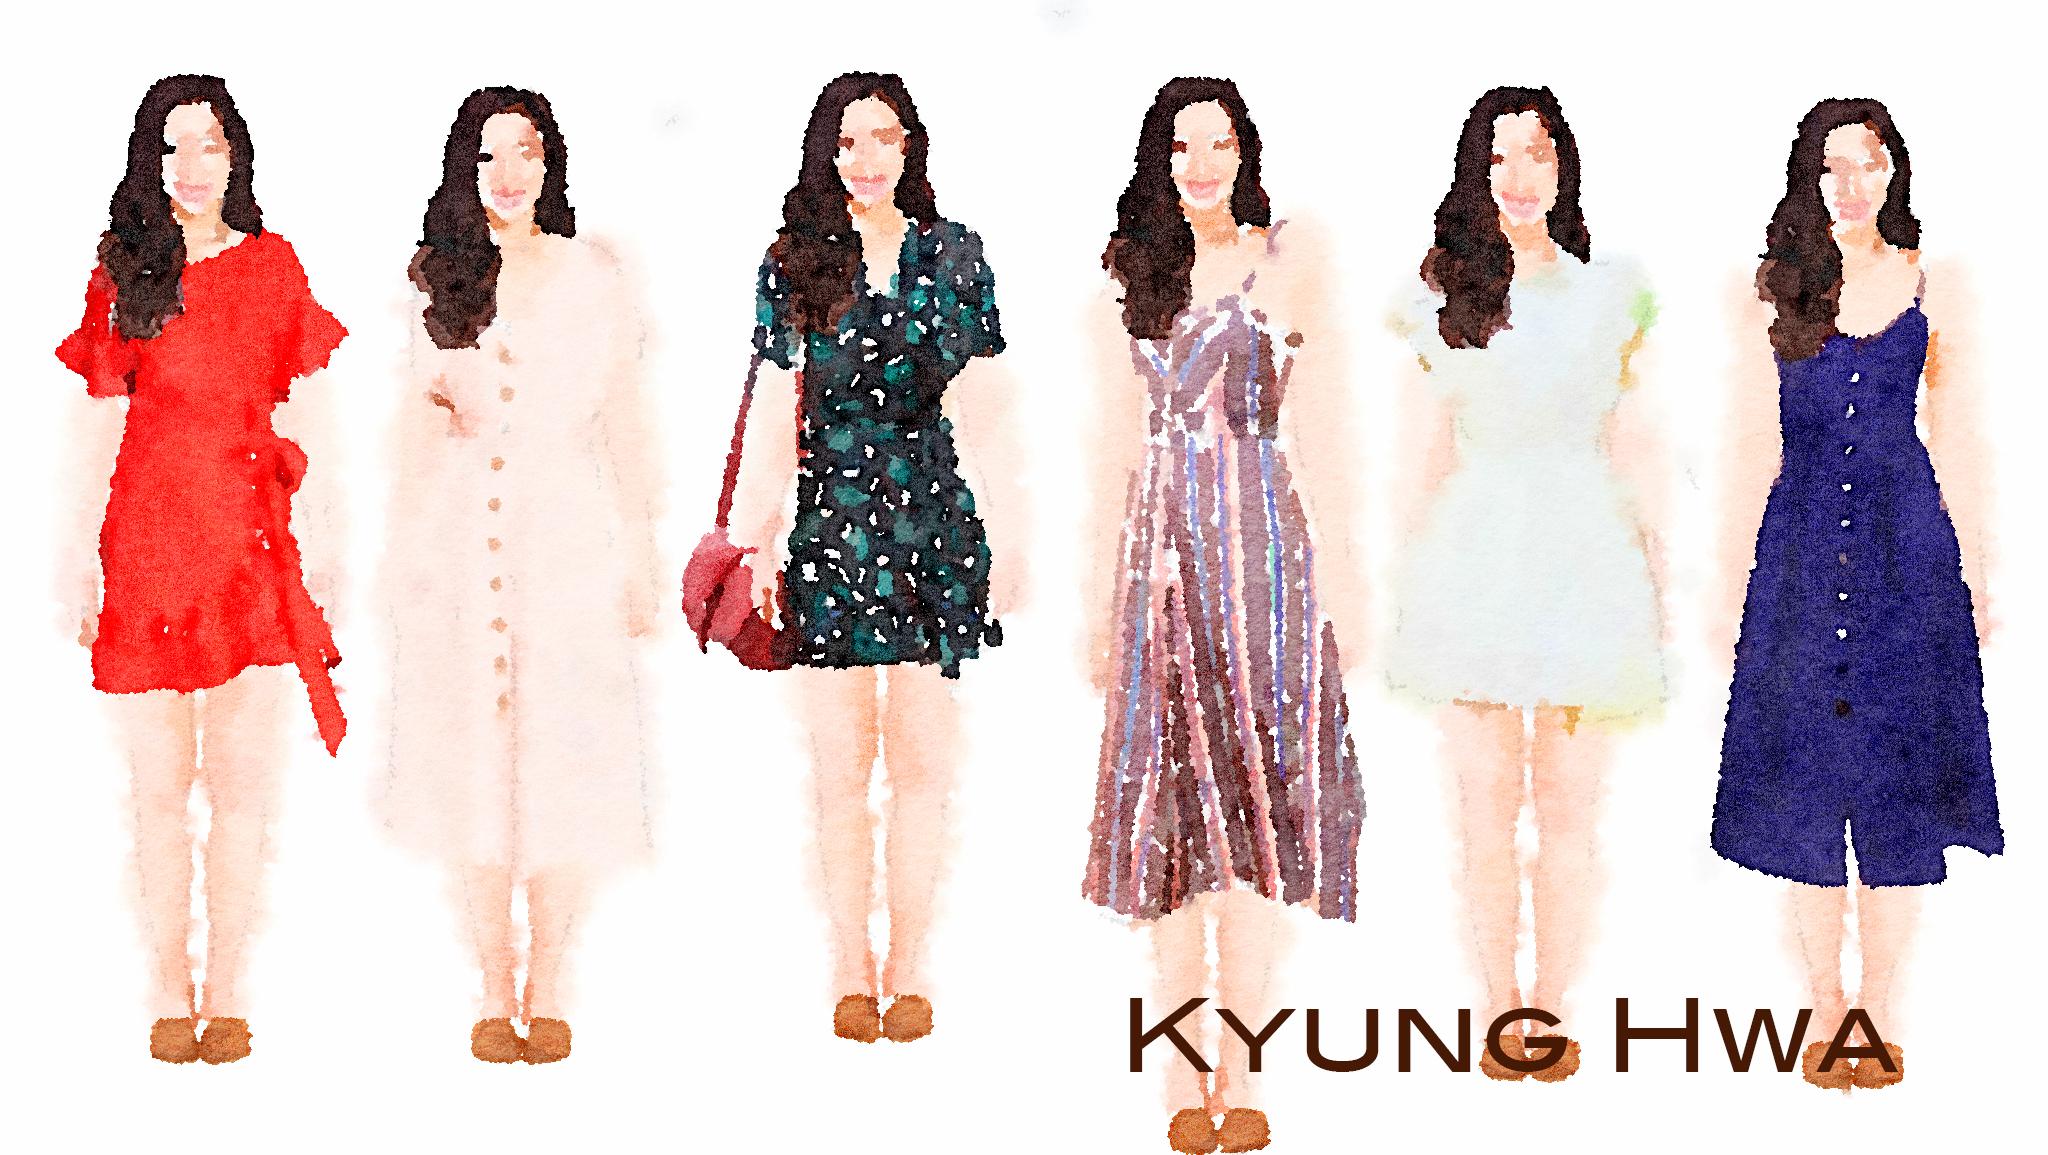 Kyung Hwa.jpg